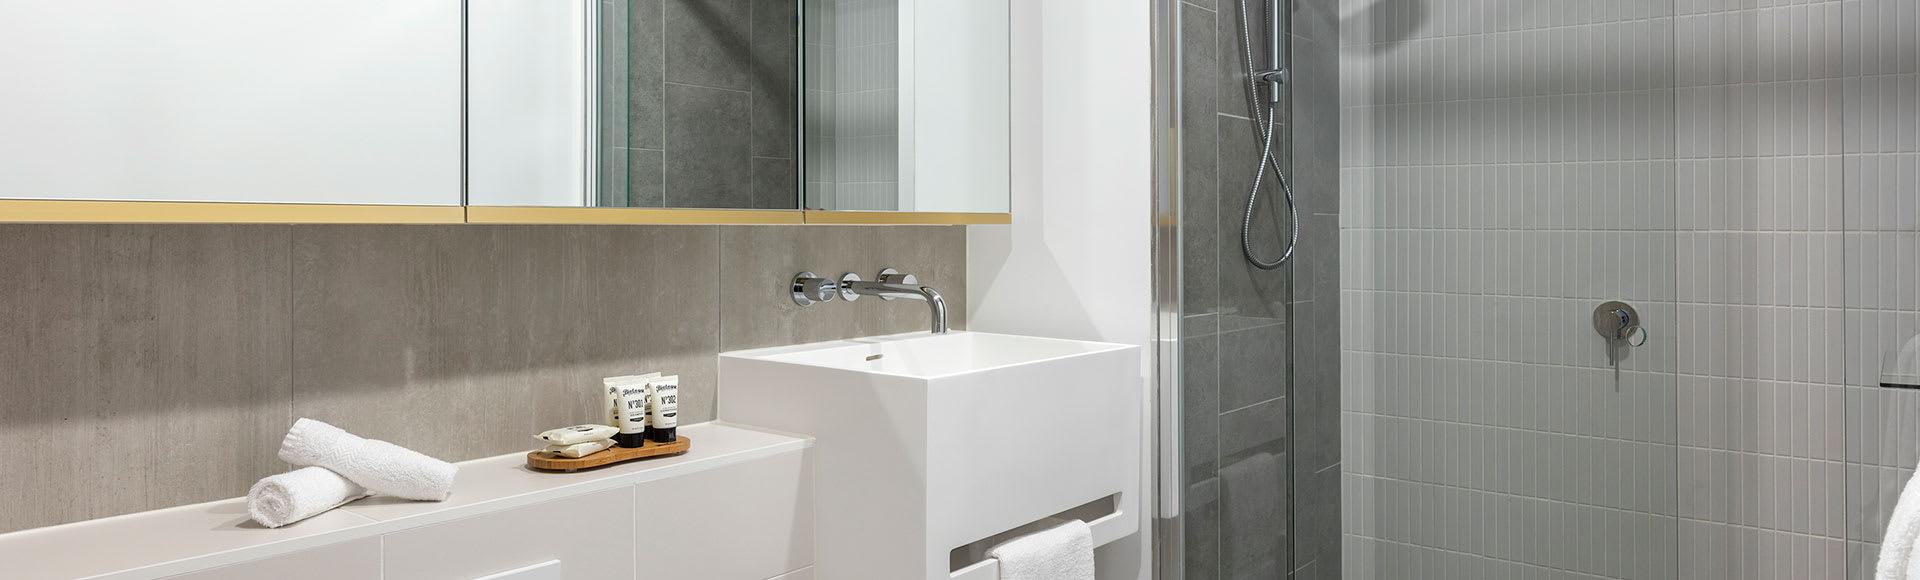 Avani Melbourne Central Residences Bedroom Suite Bathroom